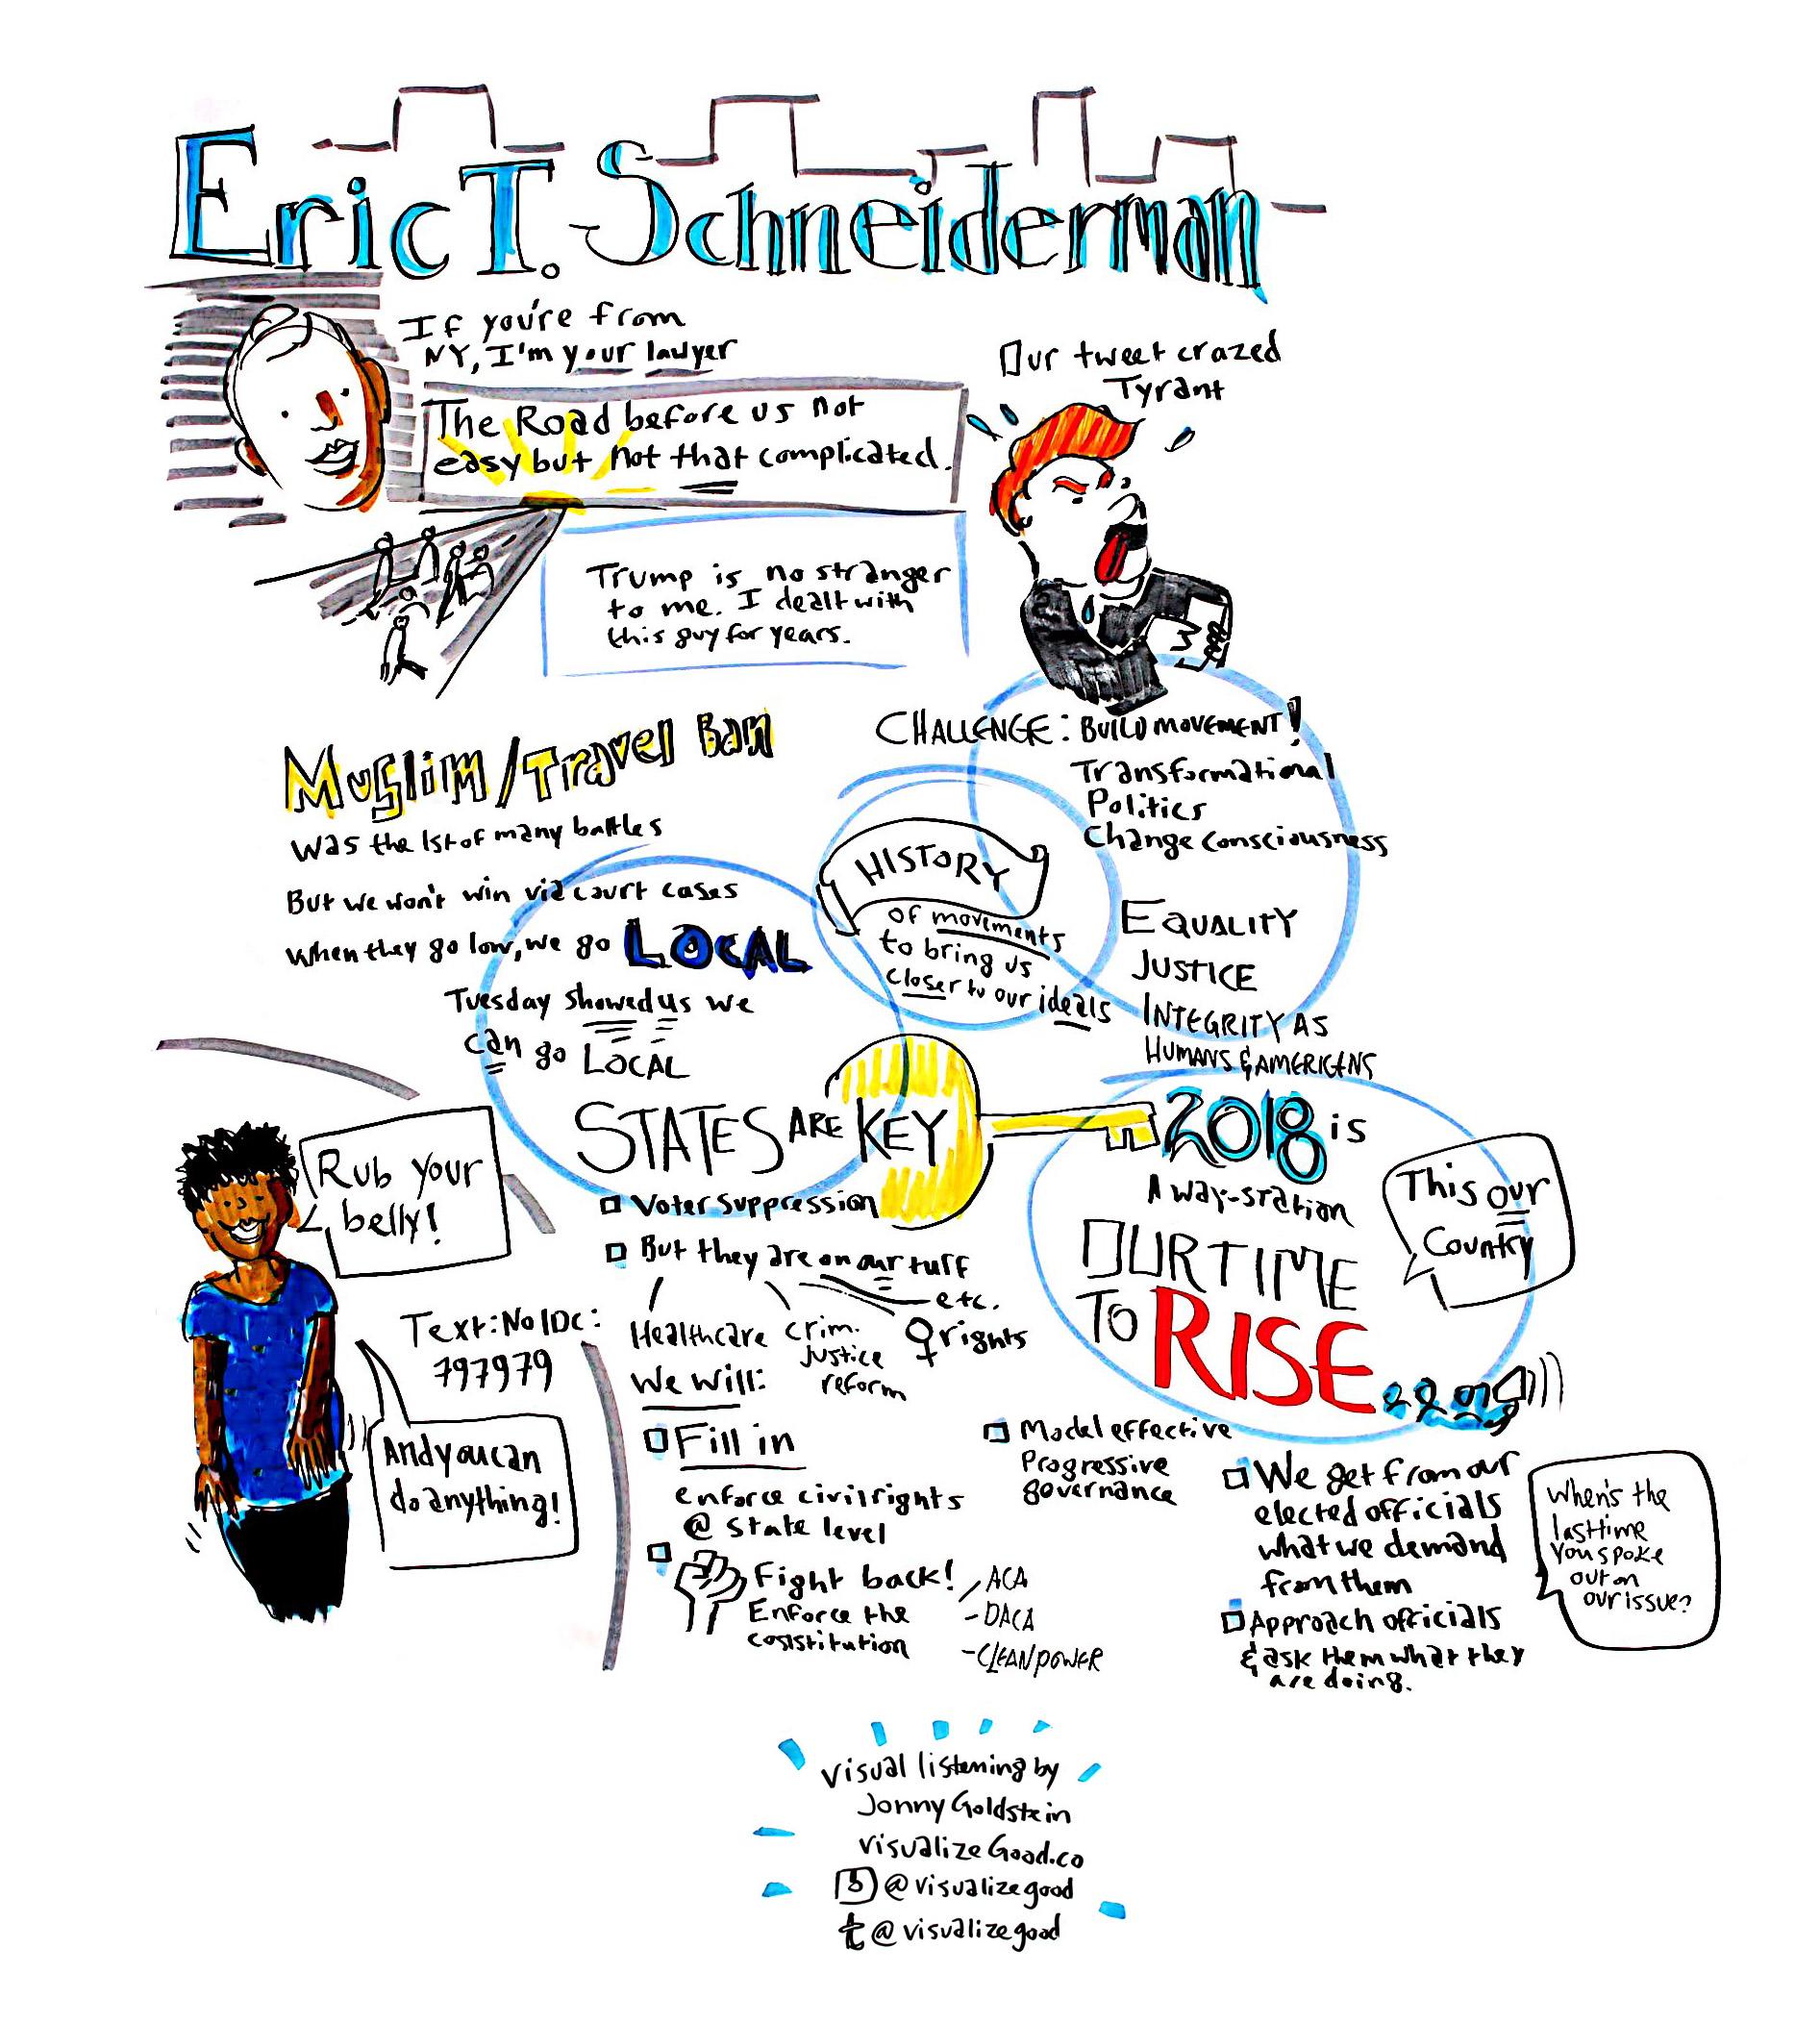 ActLocal2017NY-EricSchneiderman-GraphicRecording.jpg